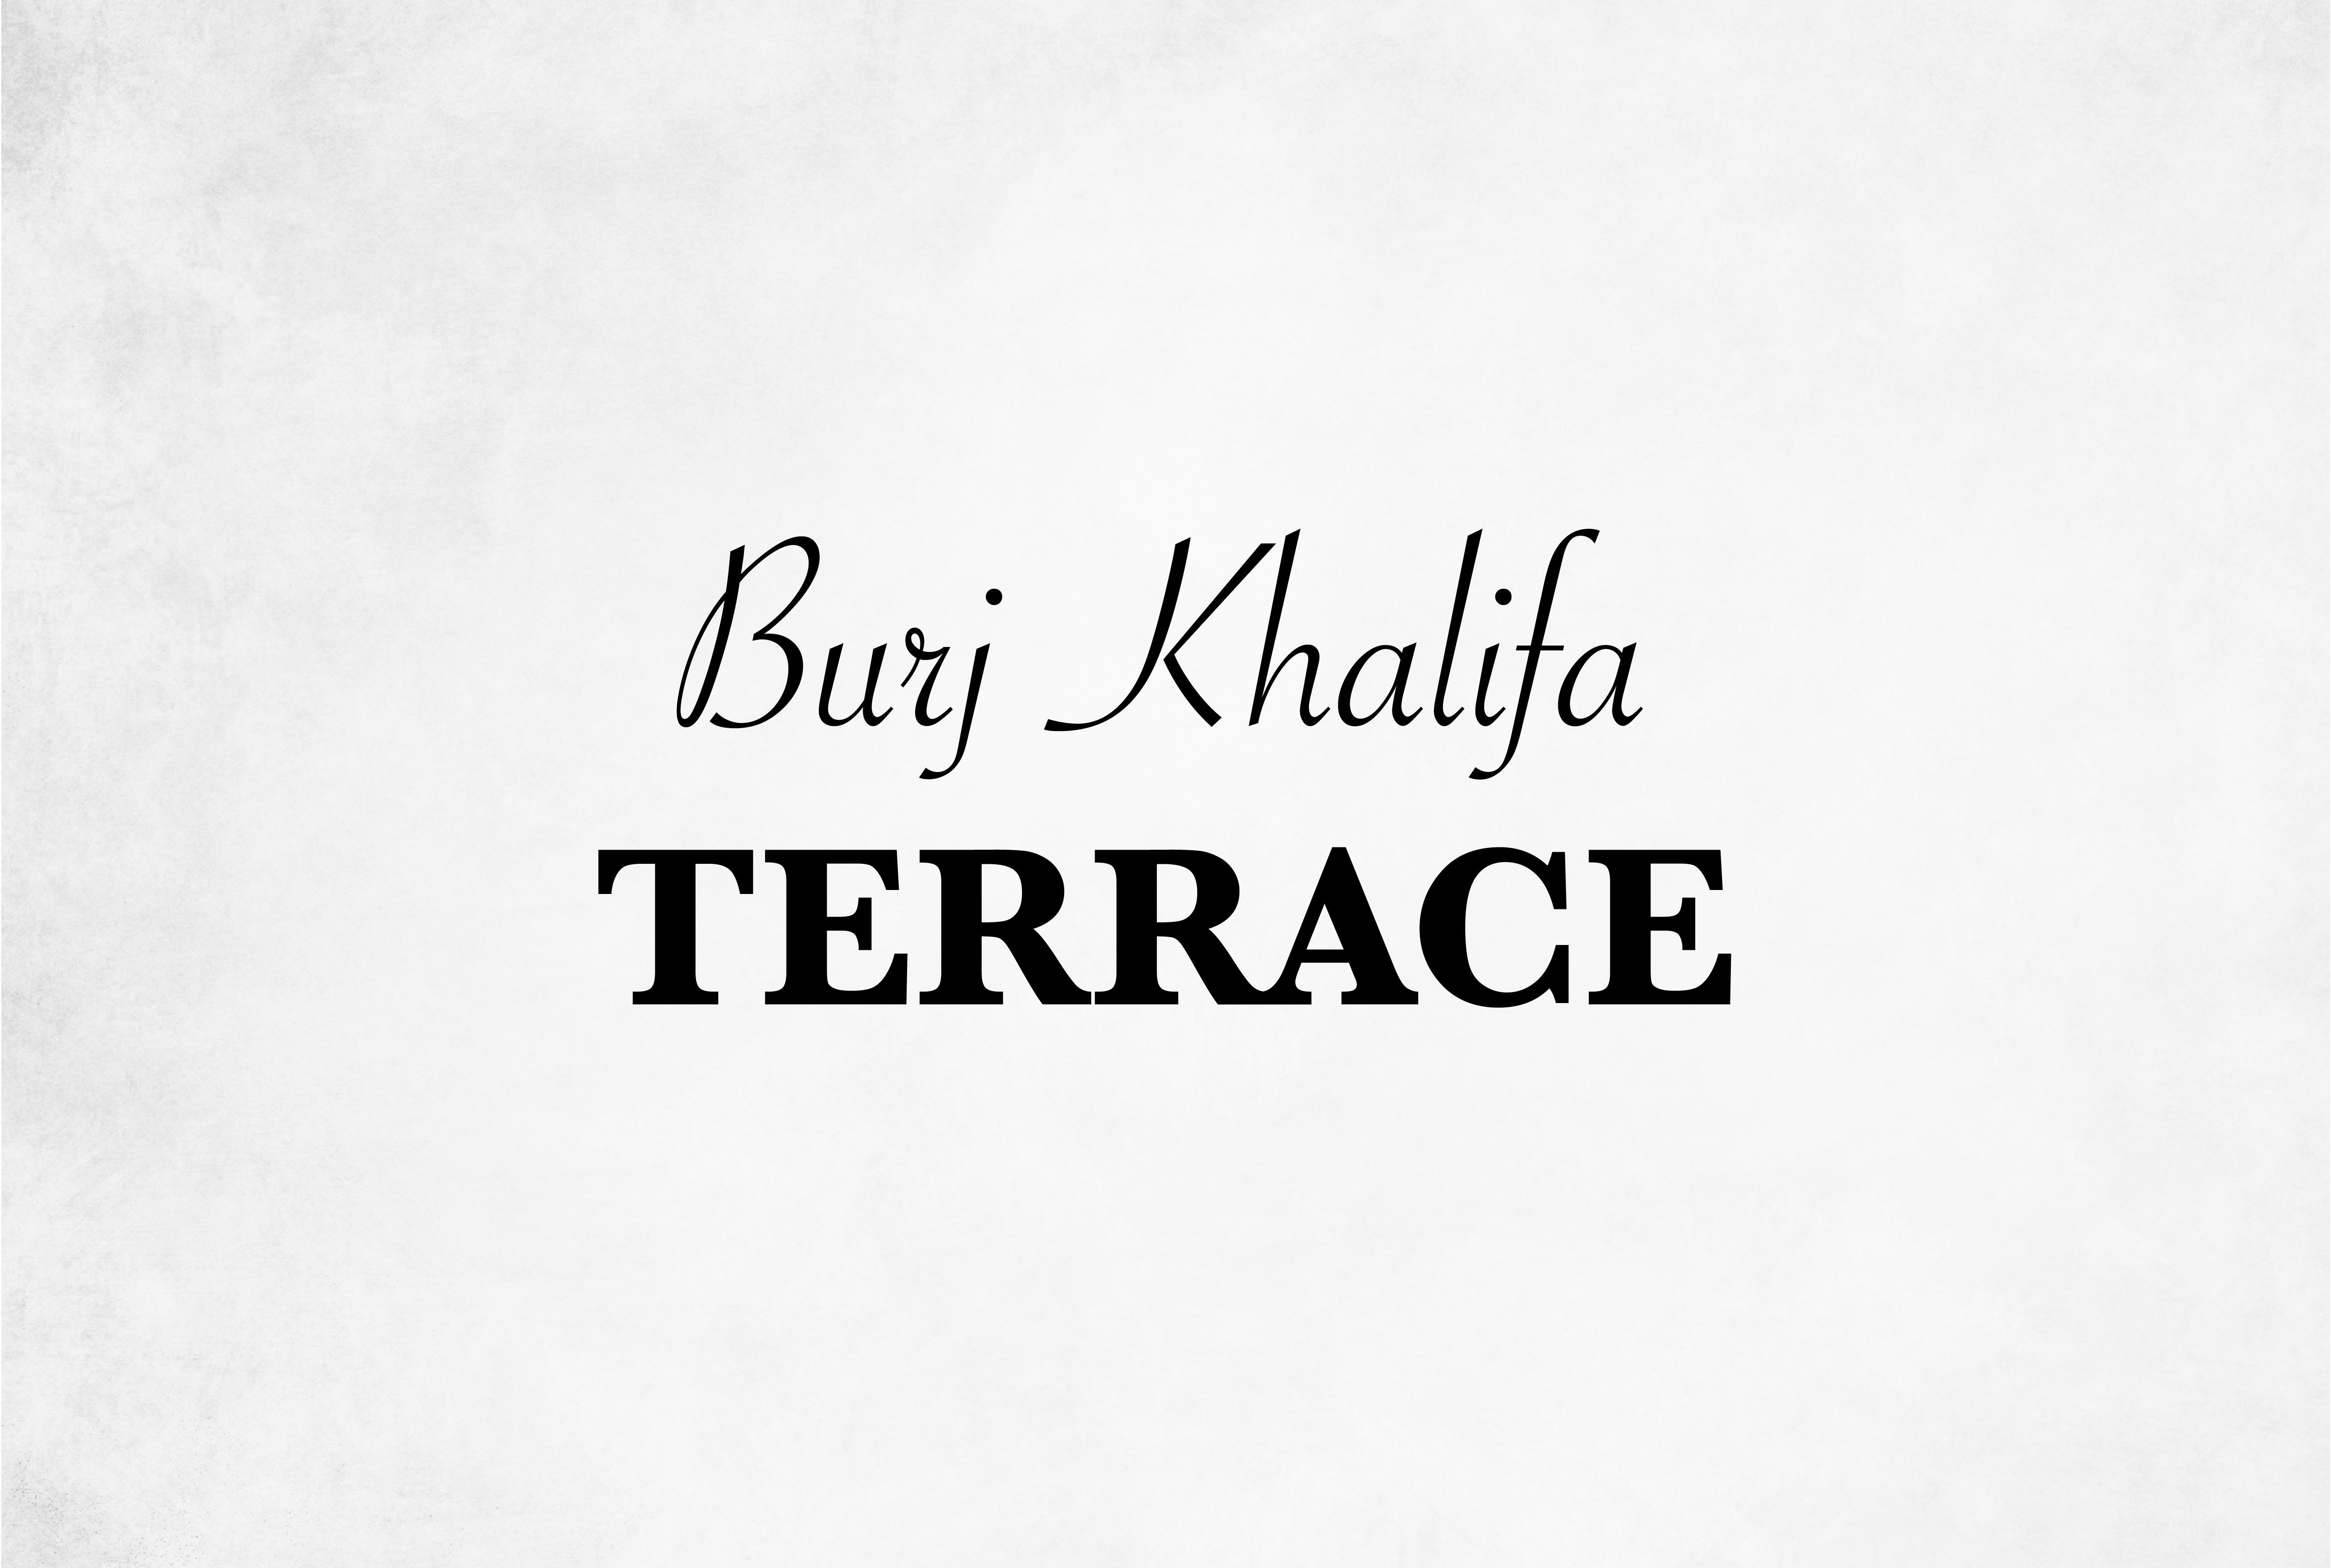 Burj Khalifa Terrace